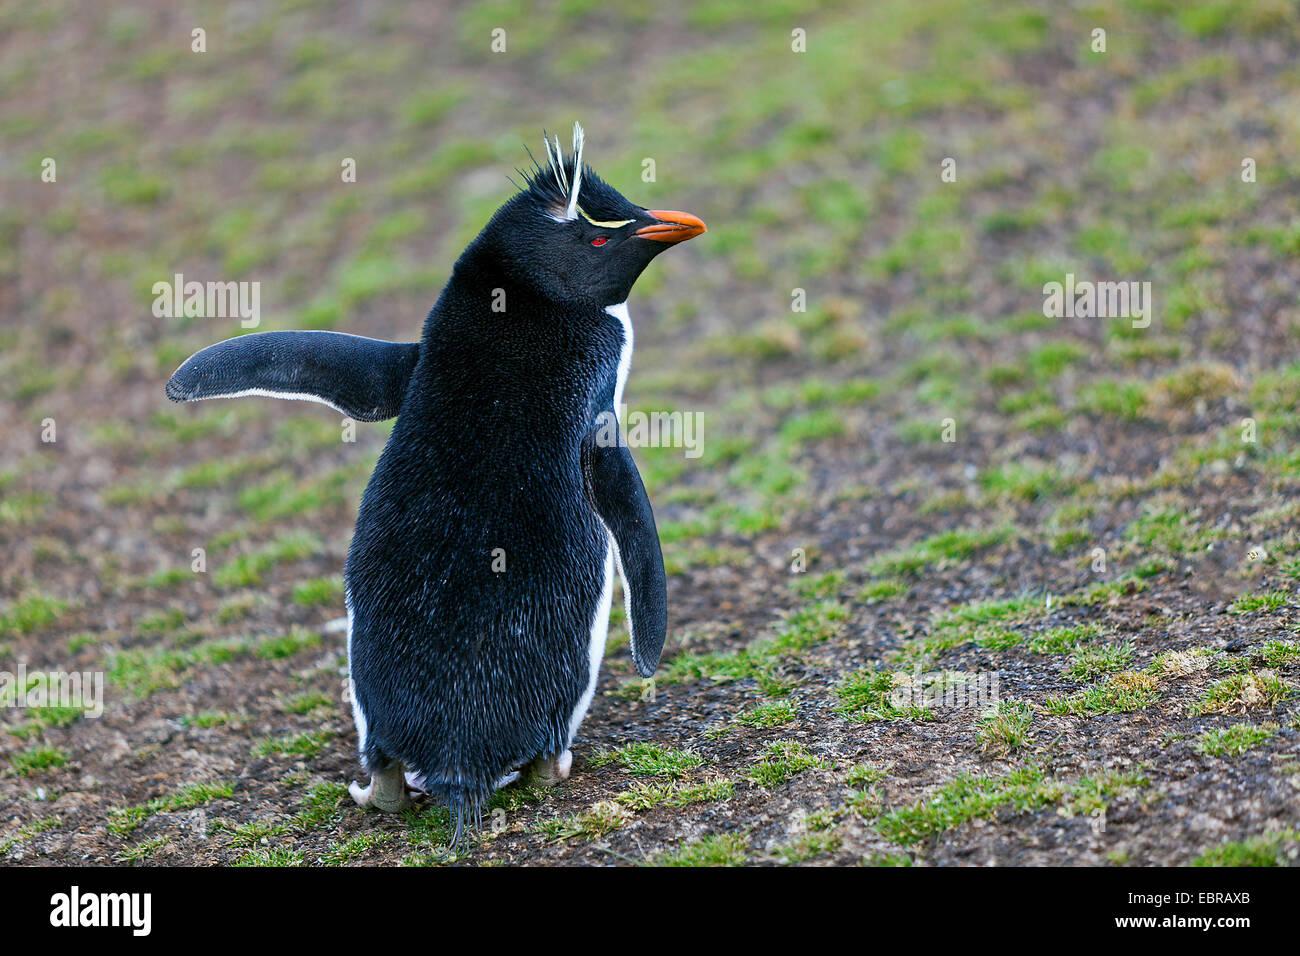 Rockhopper Penguin (Eudyptes chrysocome), dans les terrains vagues, l'Antarctique, des îles Malouines, Photo Stock